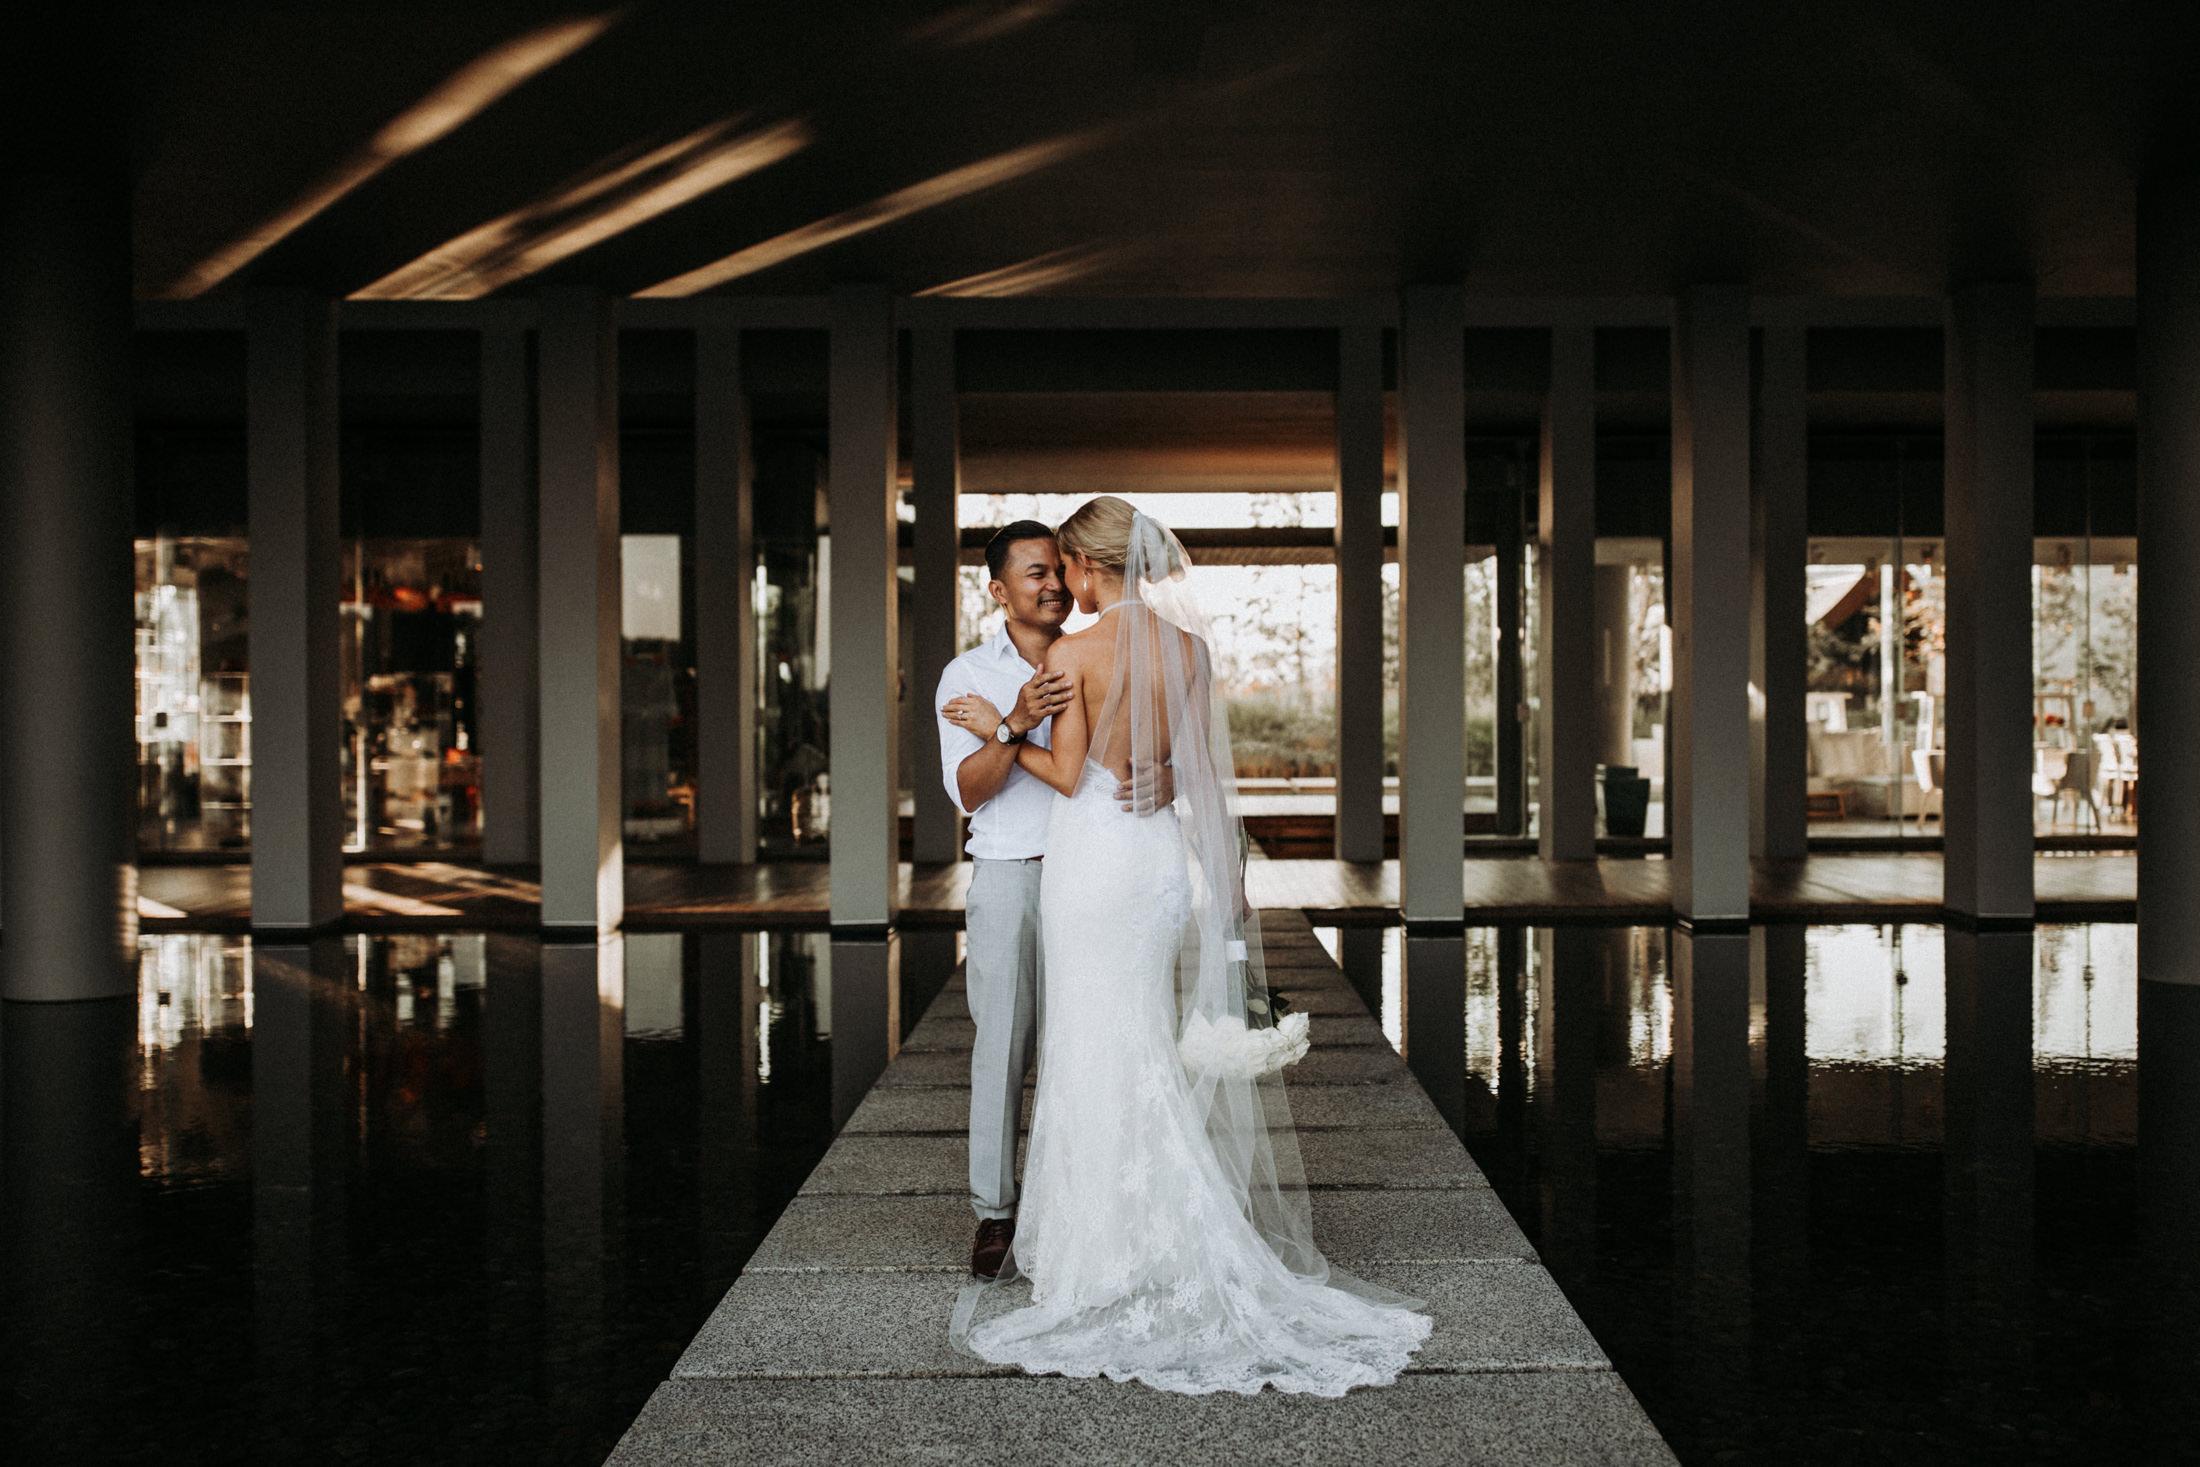 DanielaMarquardt_Wedding_Thailand_313